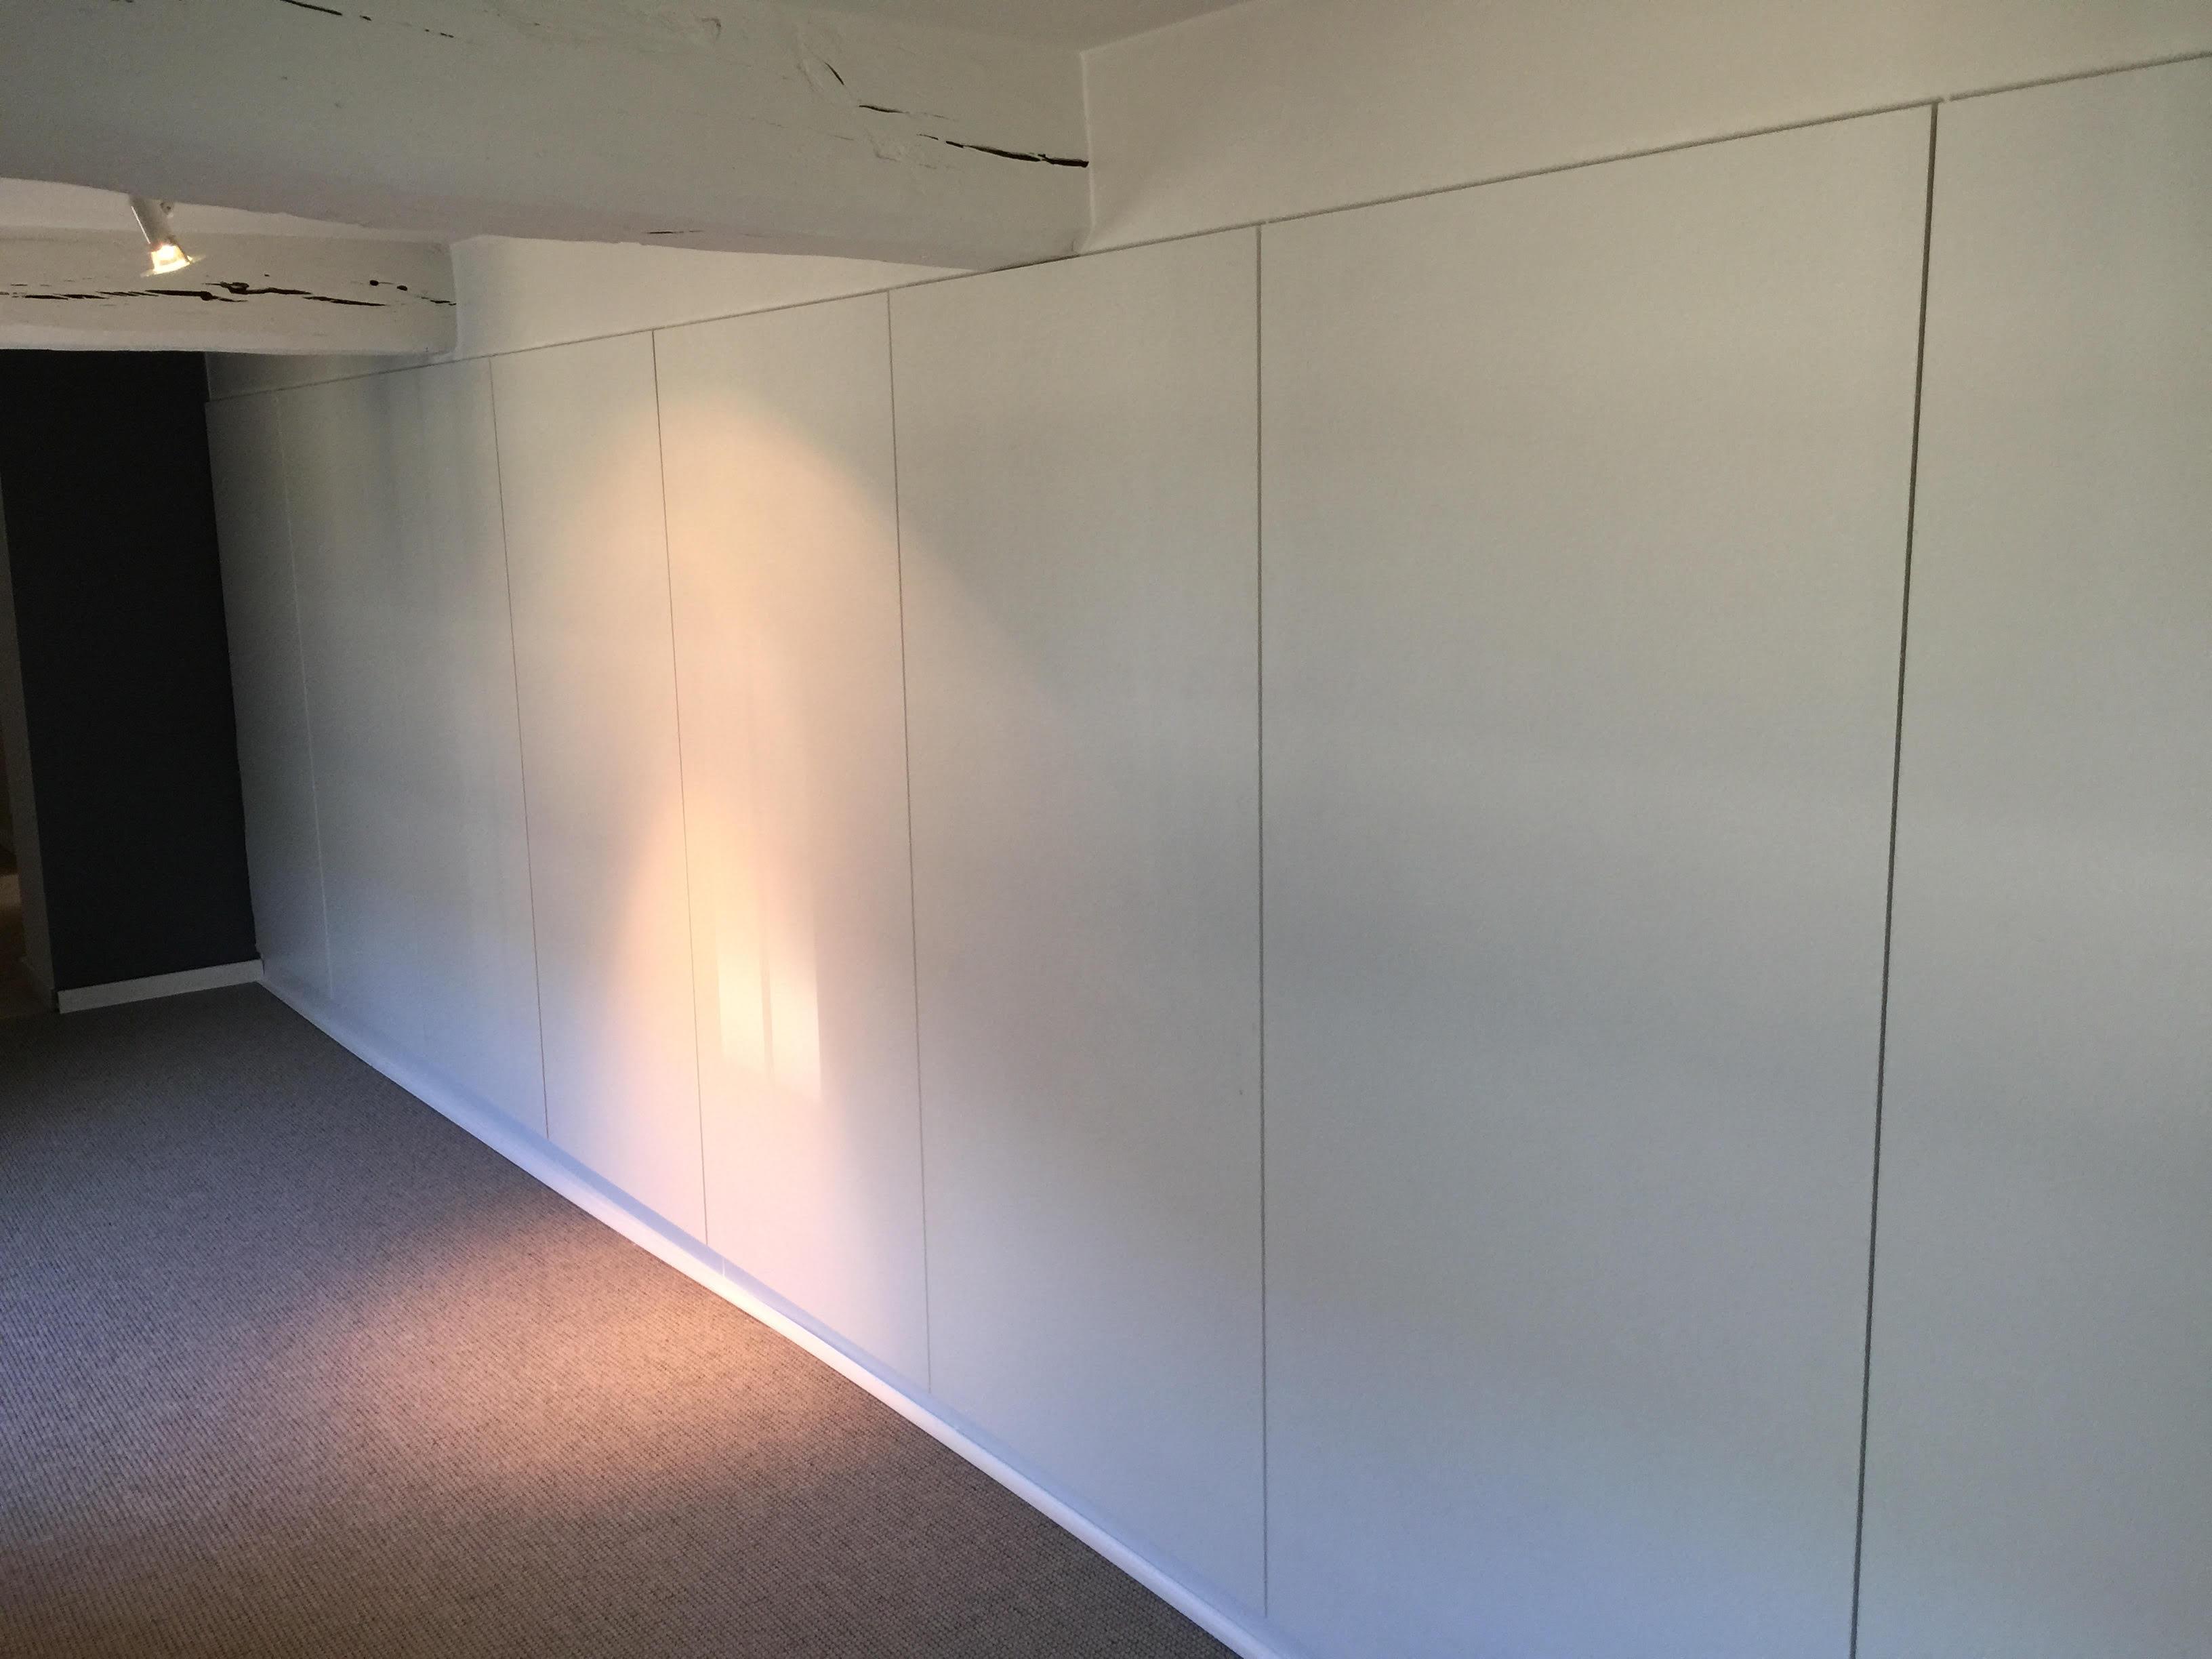 Meuble réalisé dans un grenier avec portes poussoir, aménagement de grenier